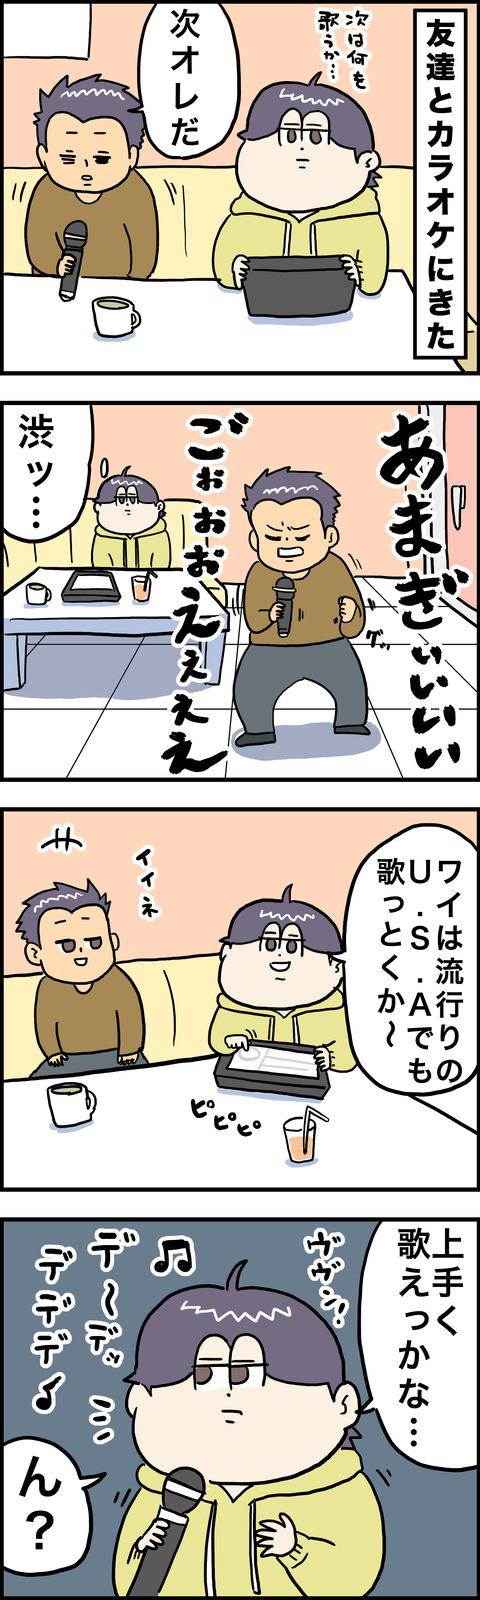 4コマ カラオケ